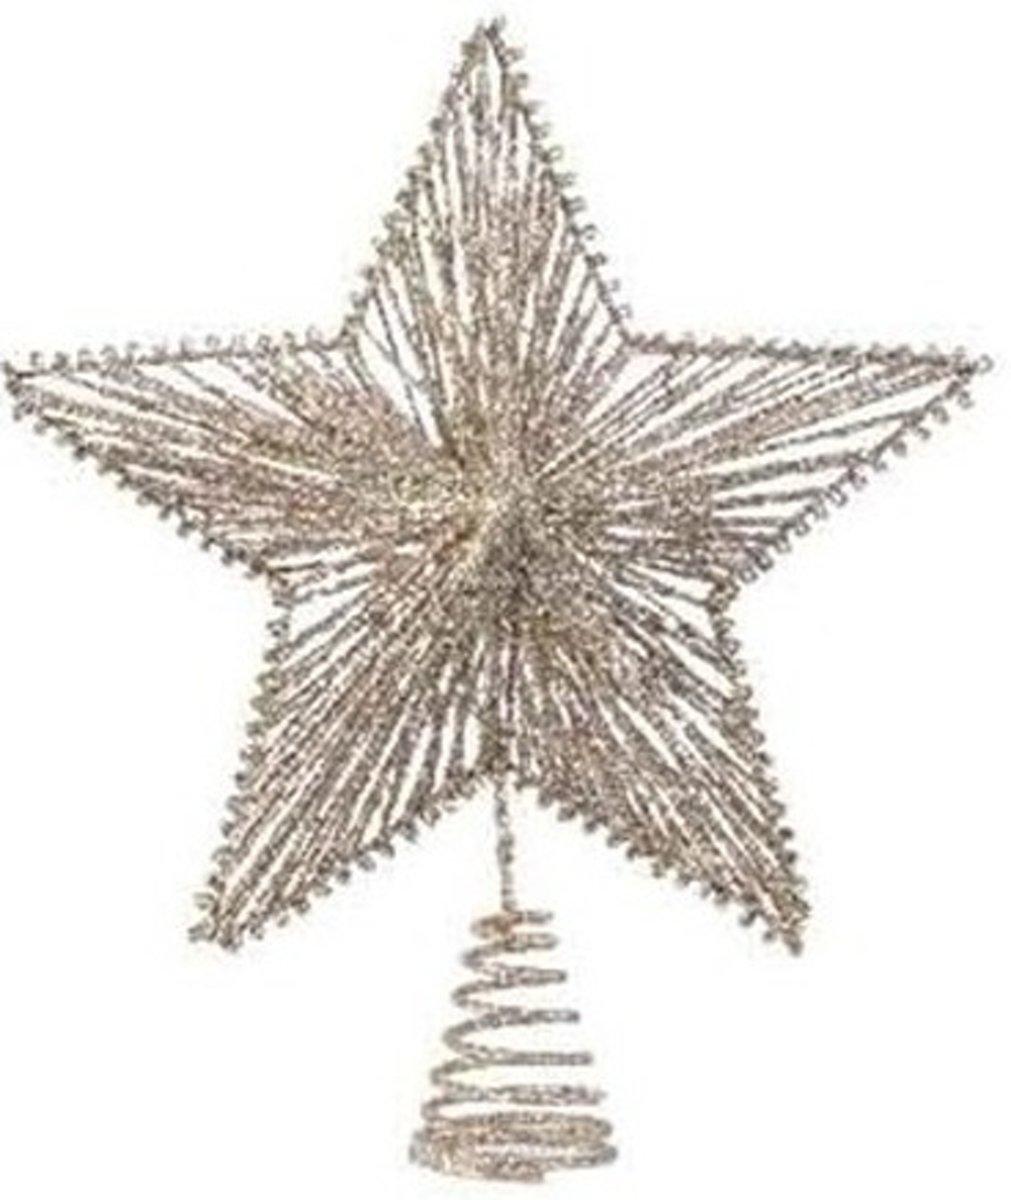 Champagne kleur sterren piek ijzer 25 cm - Champagne kleur kerstboom versieringen kopen